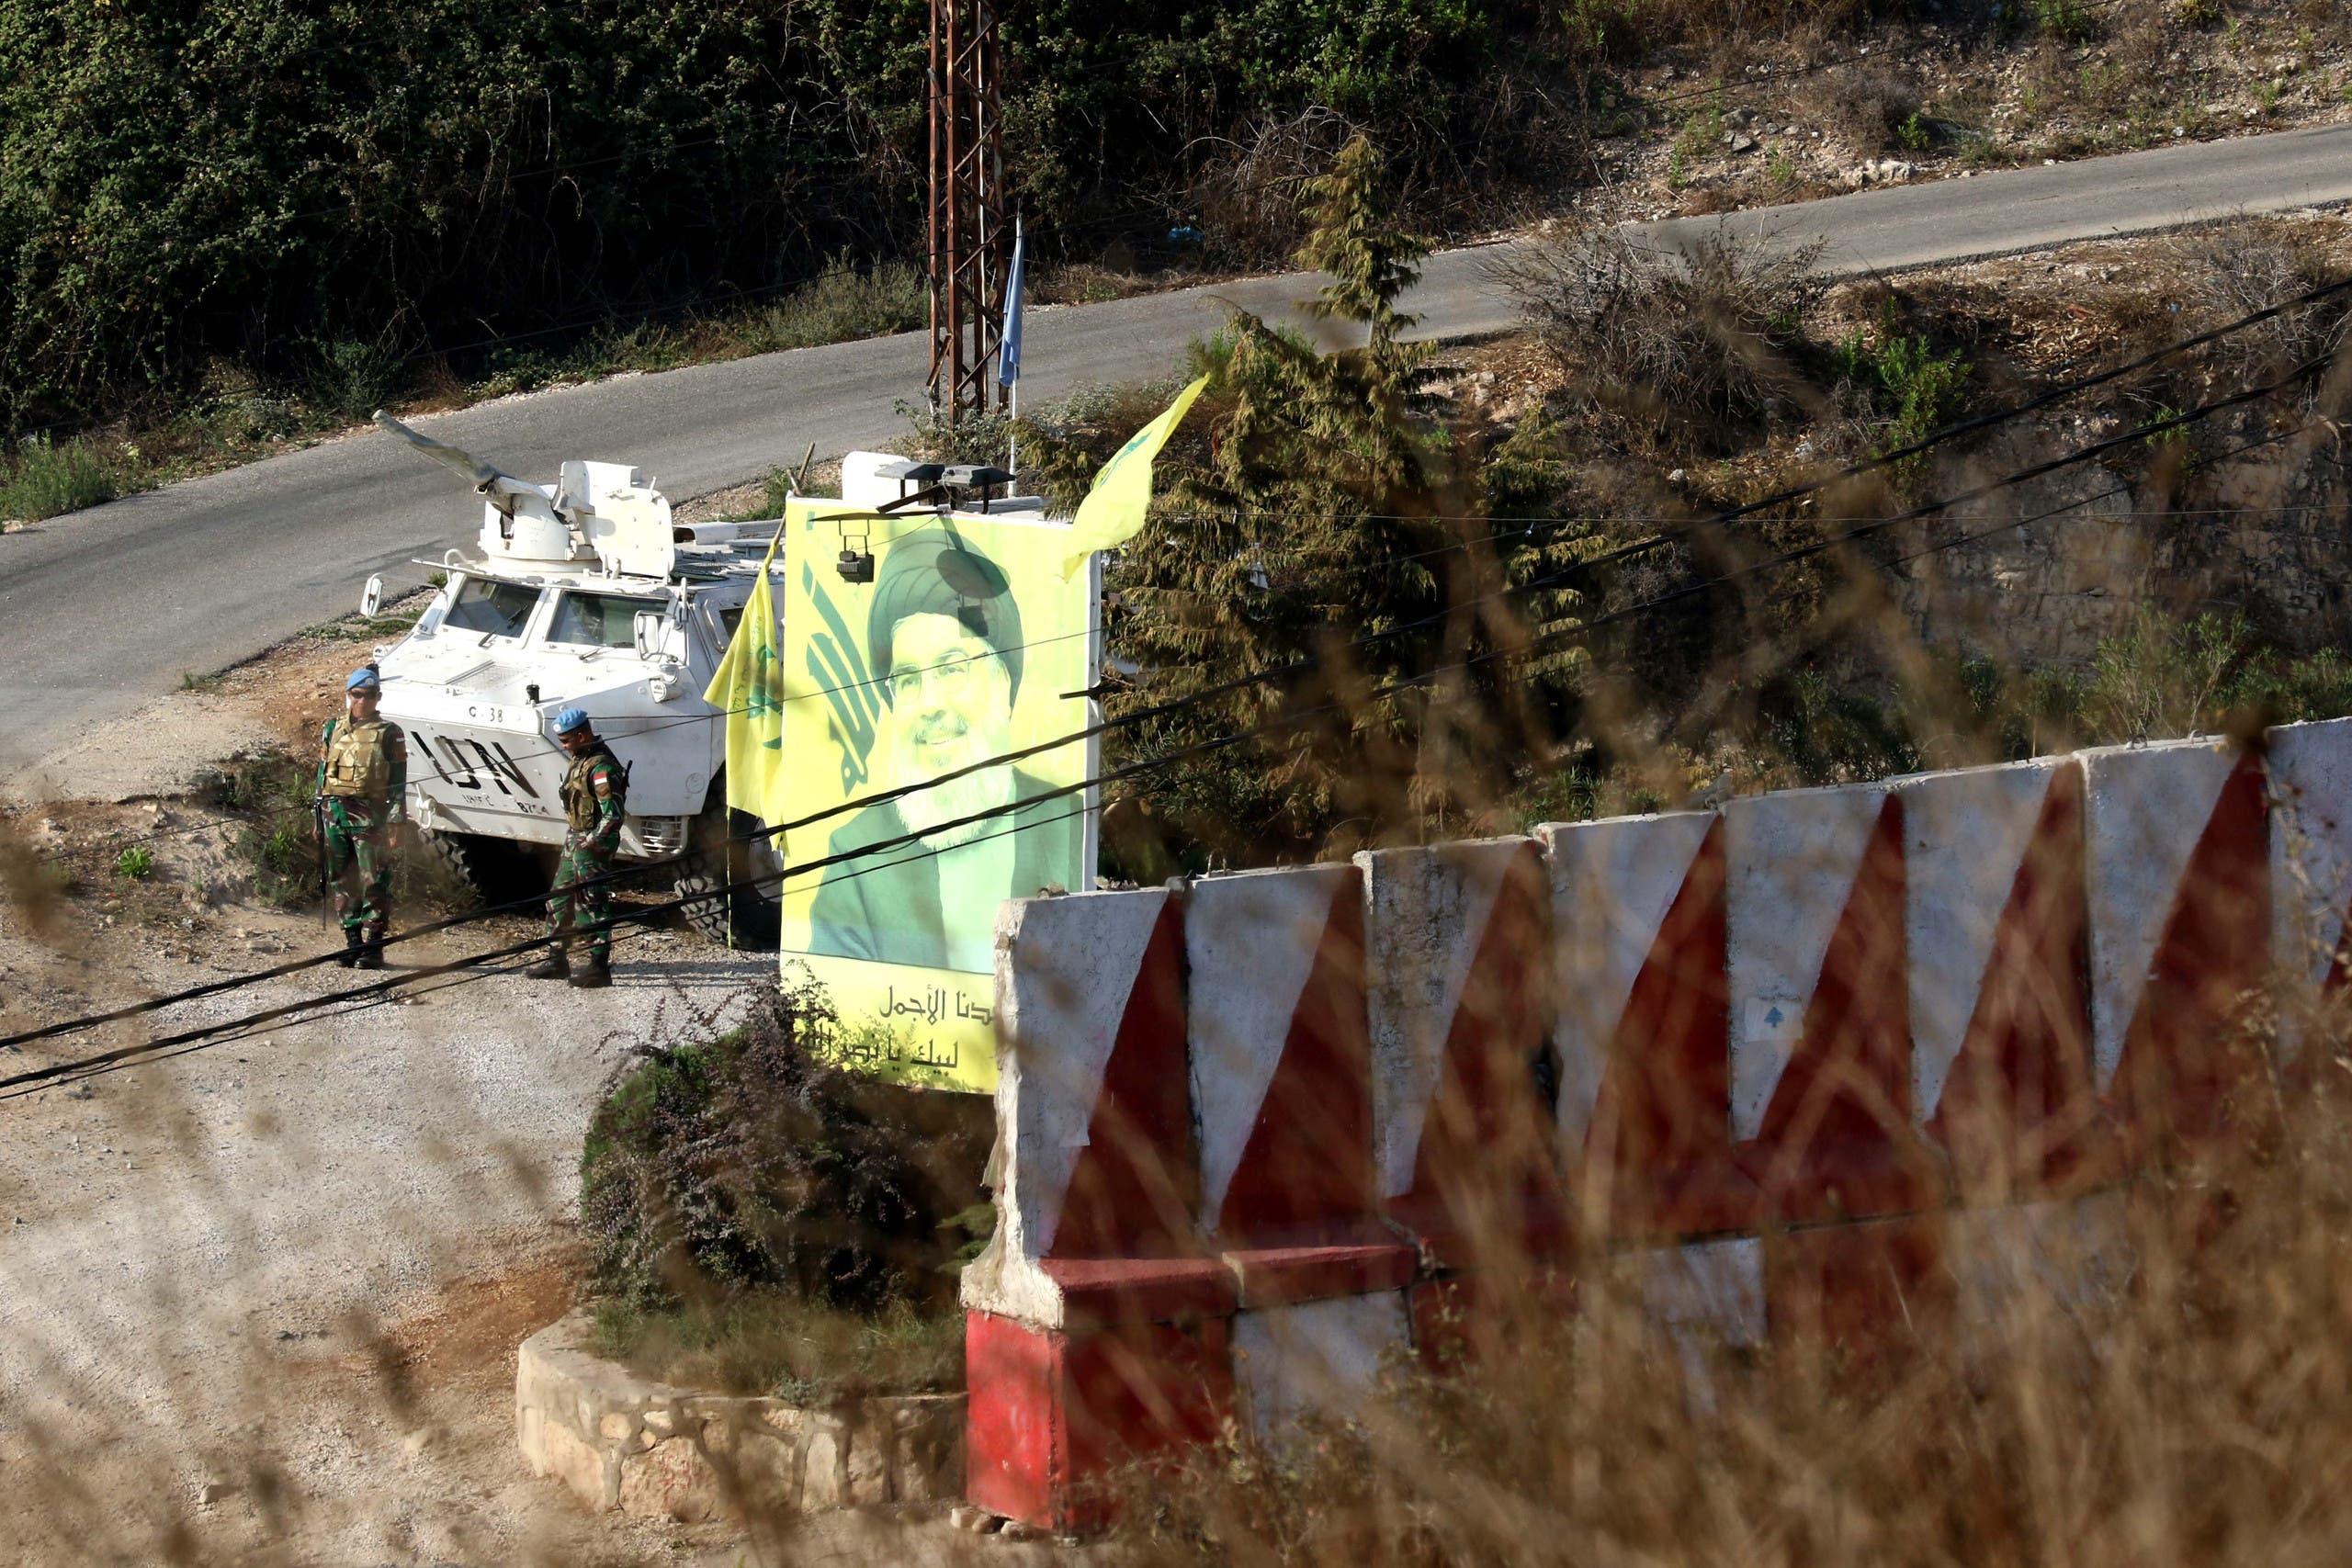 آلية لليونيفيل قرب صورة لنصرالله وأعلام لحزب الله في جنوب لبنان (أرشيفية)